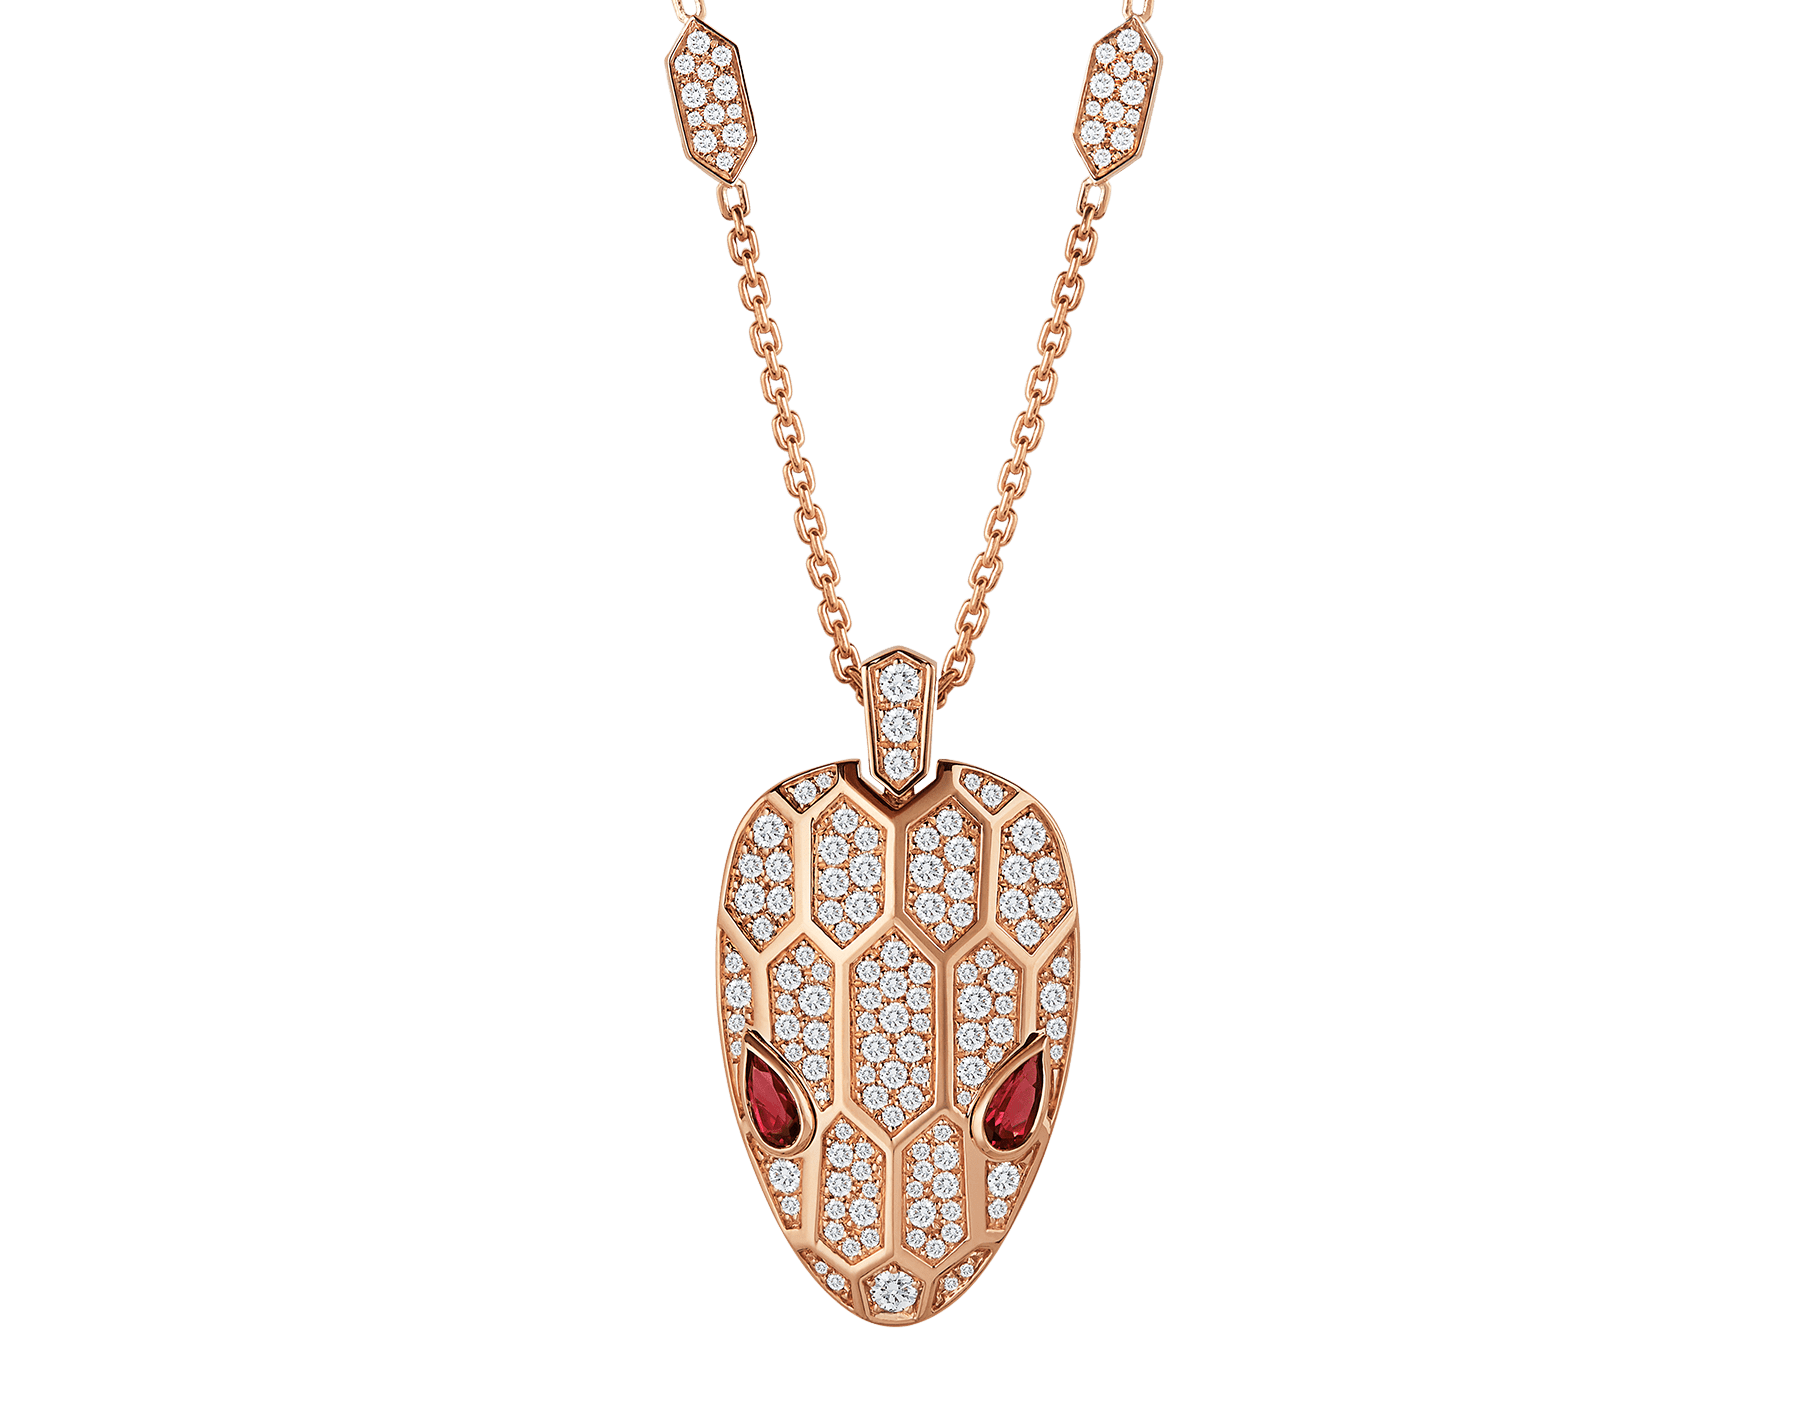 """An einer kostbaren Kette mit sechseckigen diamantbesetzten Schuppen erstrahlt der """"Serpenti""""-Anhänger im Glanze des Schlangenkopfes und der Anziehungskraft der hypnotischen Rubellitaugen. 352725 image 1"""